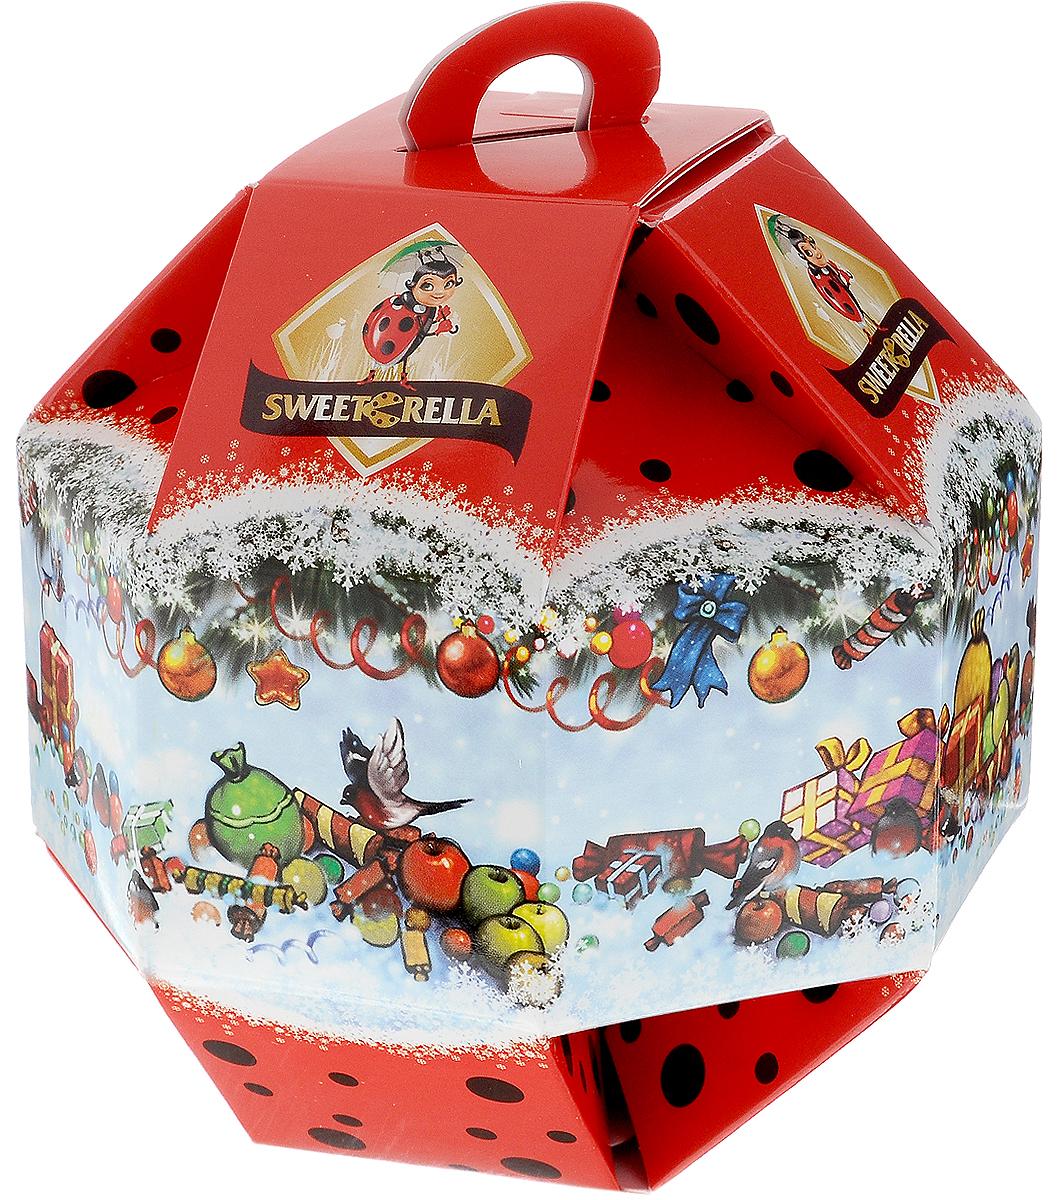 Sweeterella Новогодний шарик конфеты шоколадные, 138 гиба023Sweeterella Новогодний шарик с шоколадным вложением – настоящая находка в качестве подарка! Вкусными шоколадными конфетами можно украсить елку или угостить гостей. Каждая конфета внутри упакована во флоу-пак пленку, что позволяет сохранить свежесть продукта и его внешний вид. Уважаемые клиенты! Обращаем ваше внимание, что полный перечень состава продукта представлен на дополнительном изображении.